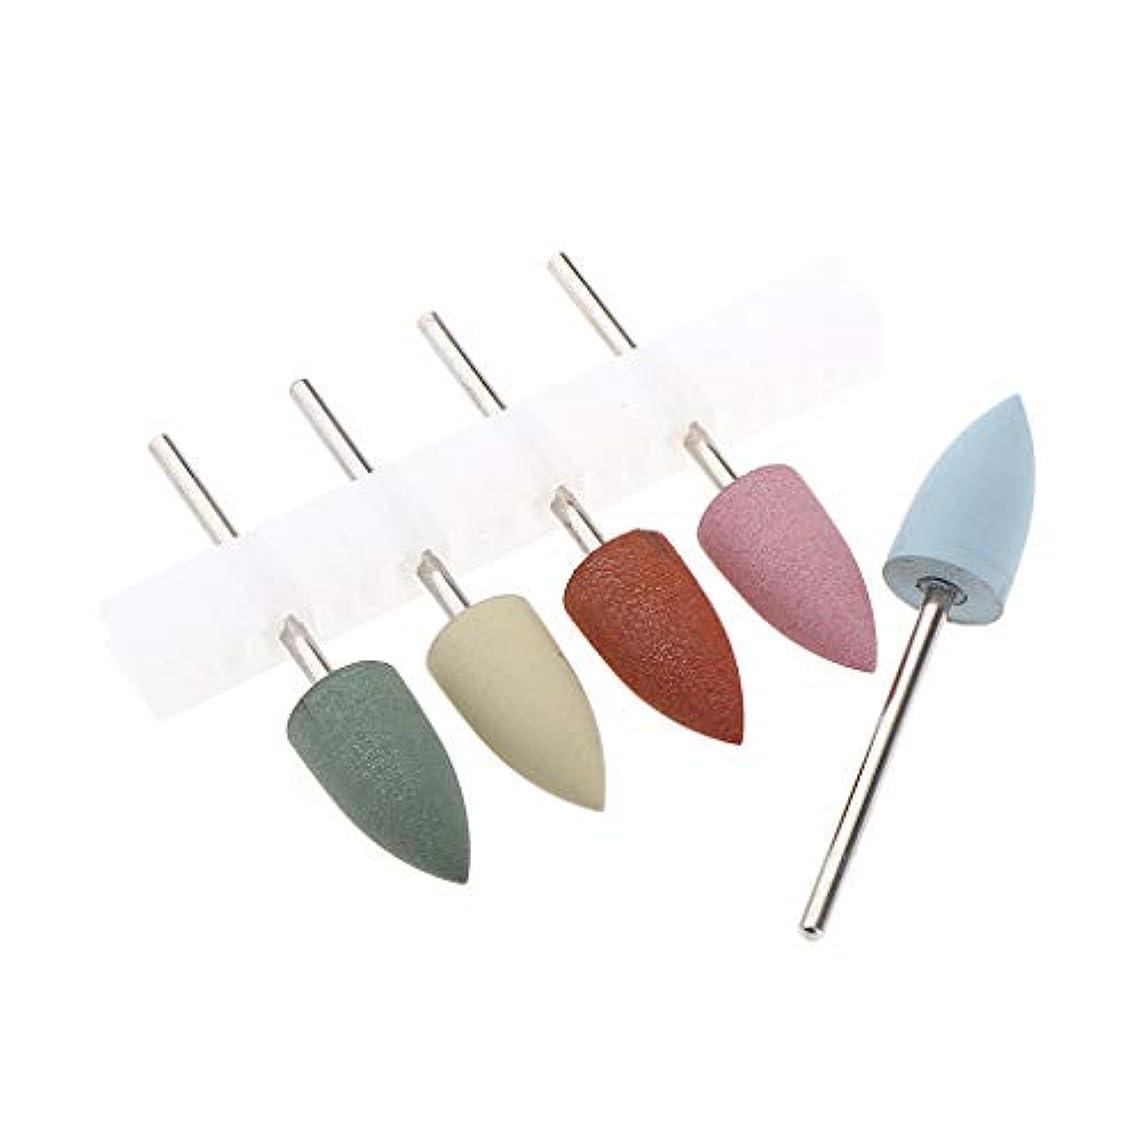 磁石水差しシンボル6カラー ネイルケア ドリルビット 電気ドリルビット マニキュアツール - #5